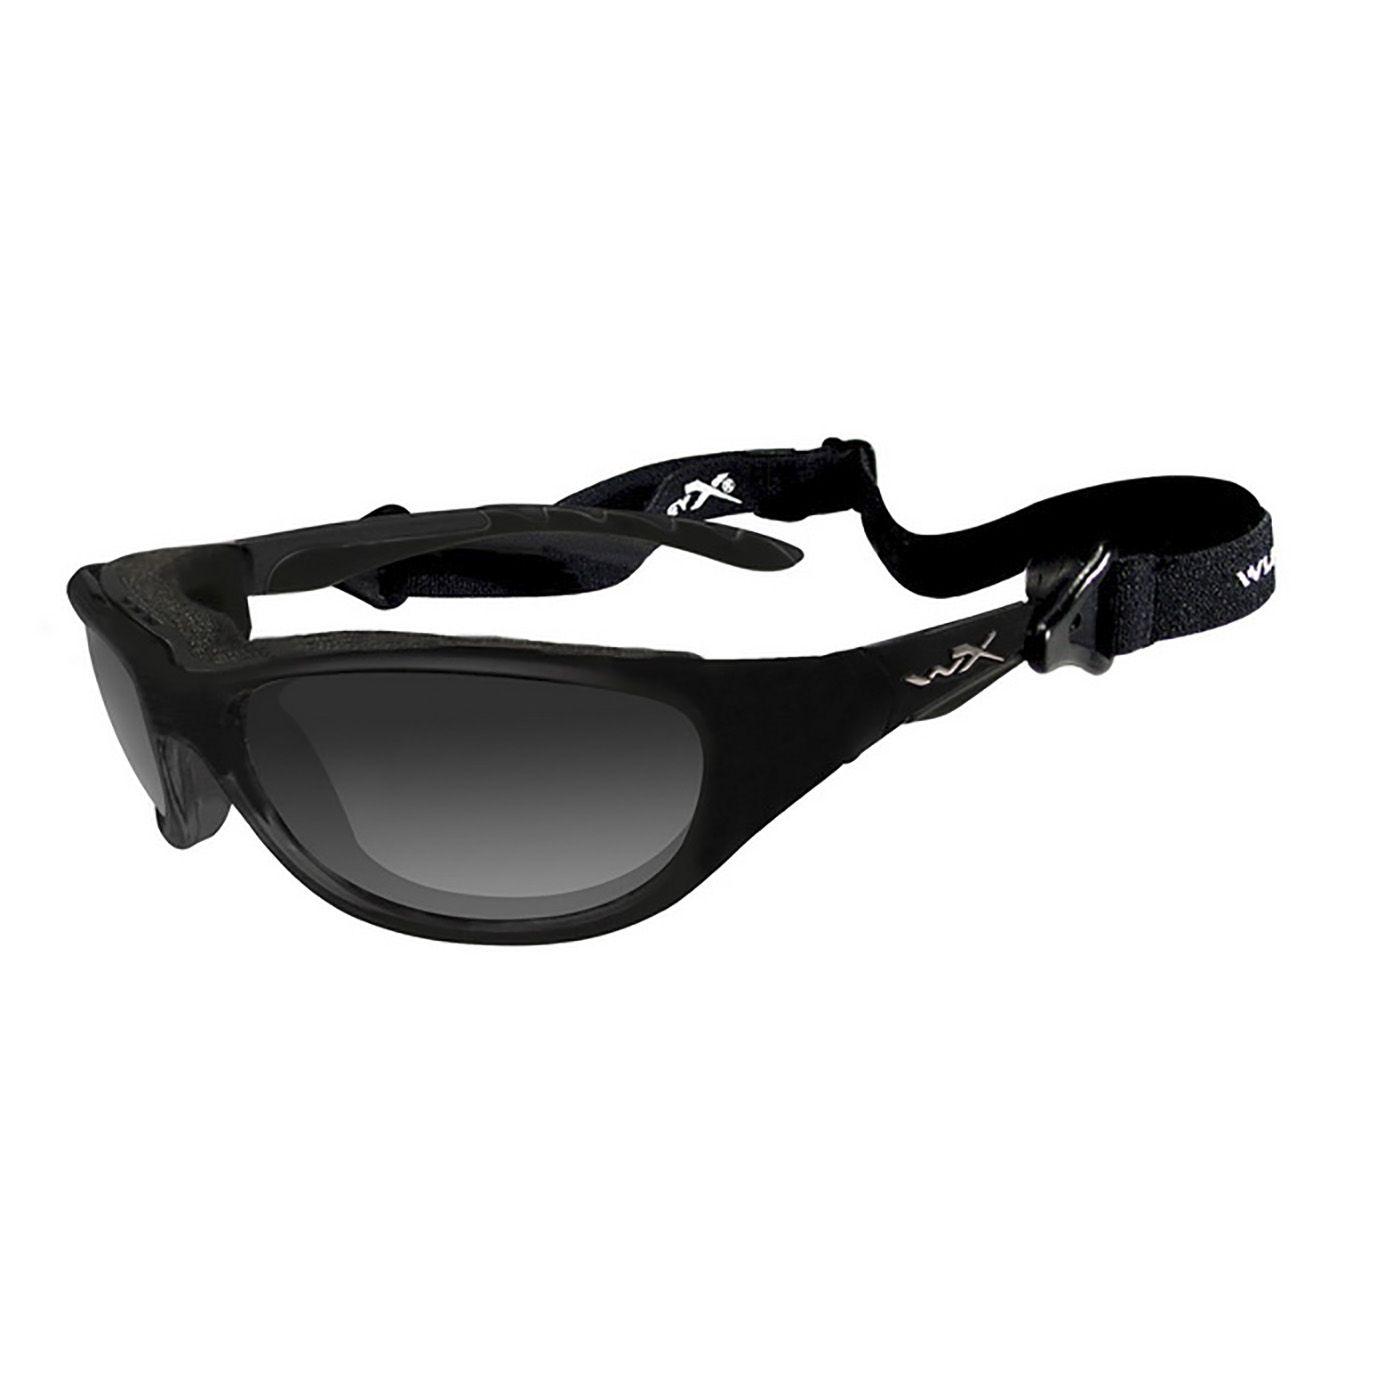 Cвето-настраиваемые (LA™) защитные очки Wiley X AIRRAGE 696 с дымчато-серыми линзами